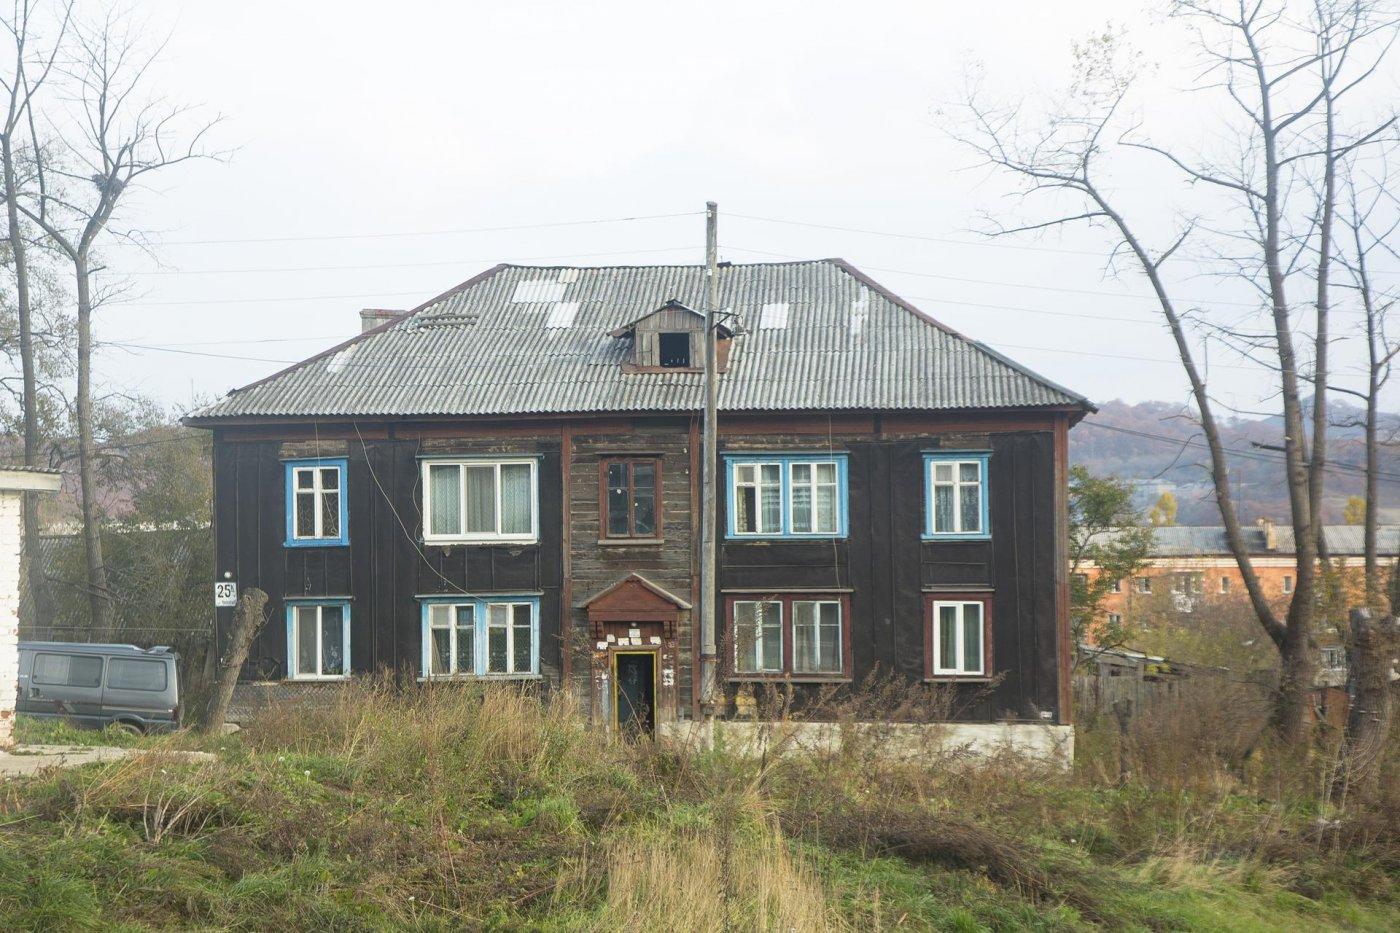 Фото 7997 (Copy).jpg. Россия, Приморский край, город Находка, Unnamed Road